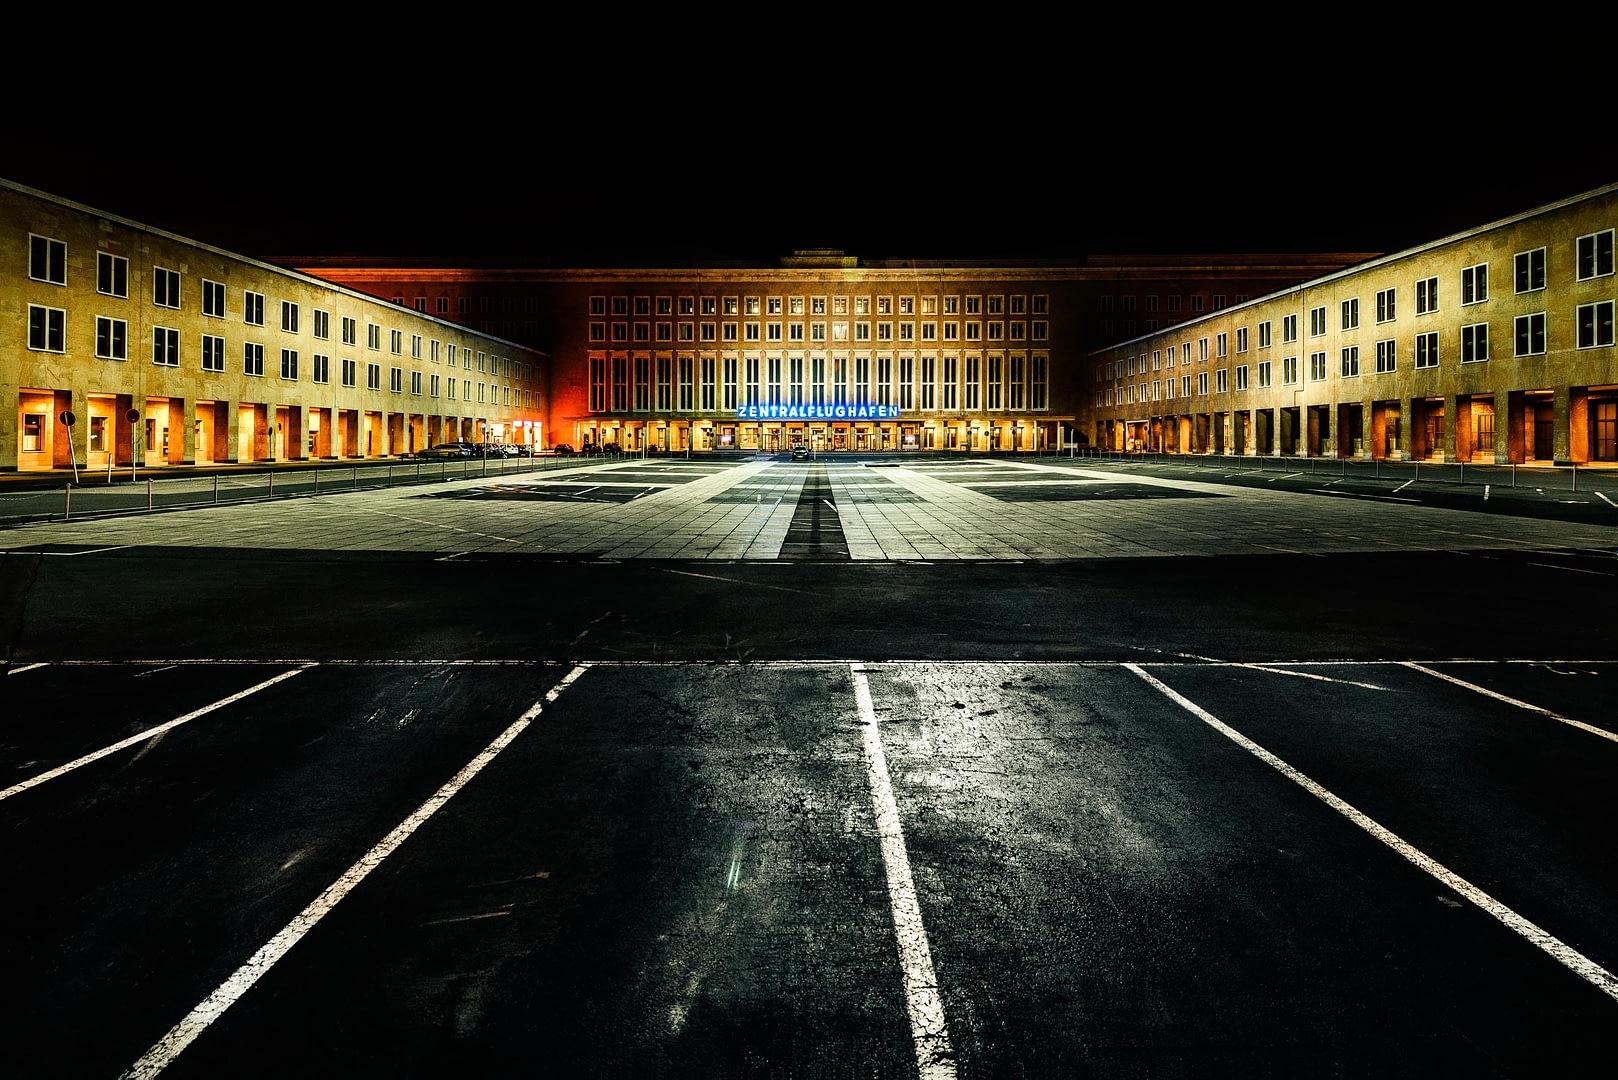 Fine-art Serie: Flughafen Berlin Tempelhof bei Nacht ©Martin Peterdamm